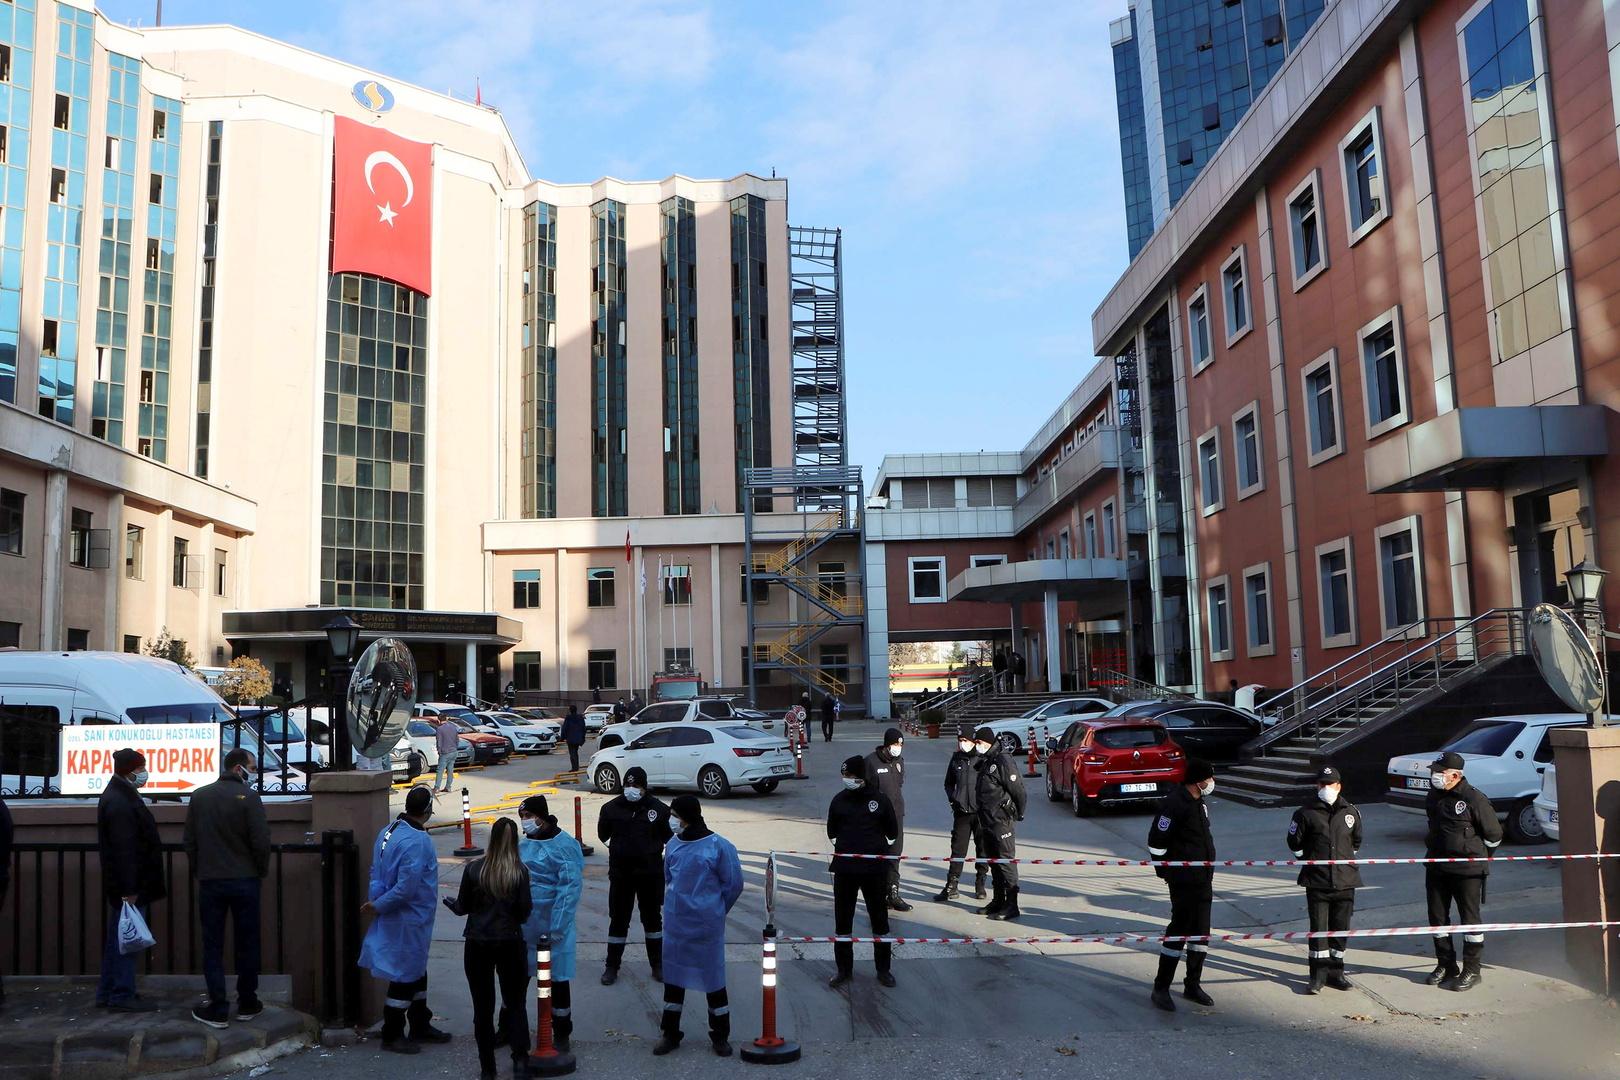 تركيا تمنع دخول الوافدين من بريطانيا على خلفية كورونا المتحور